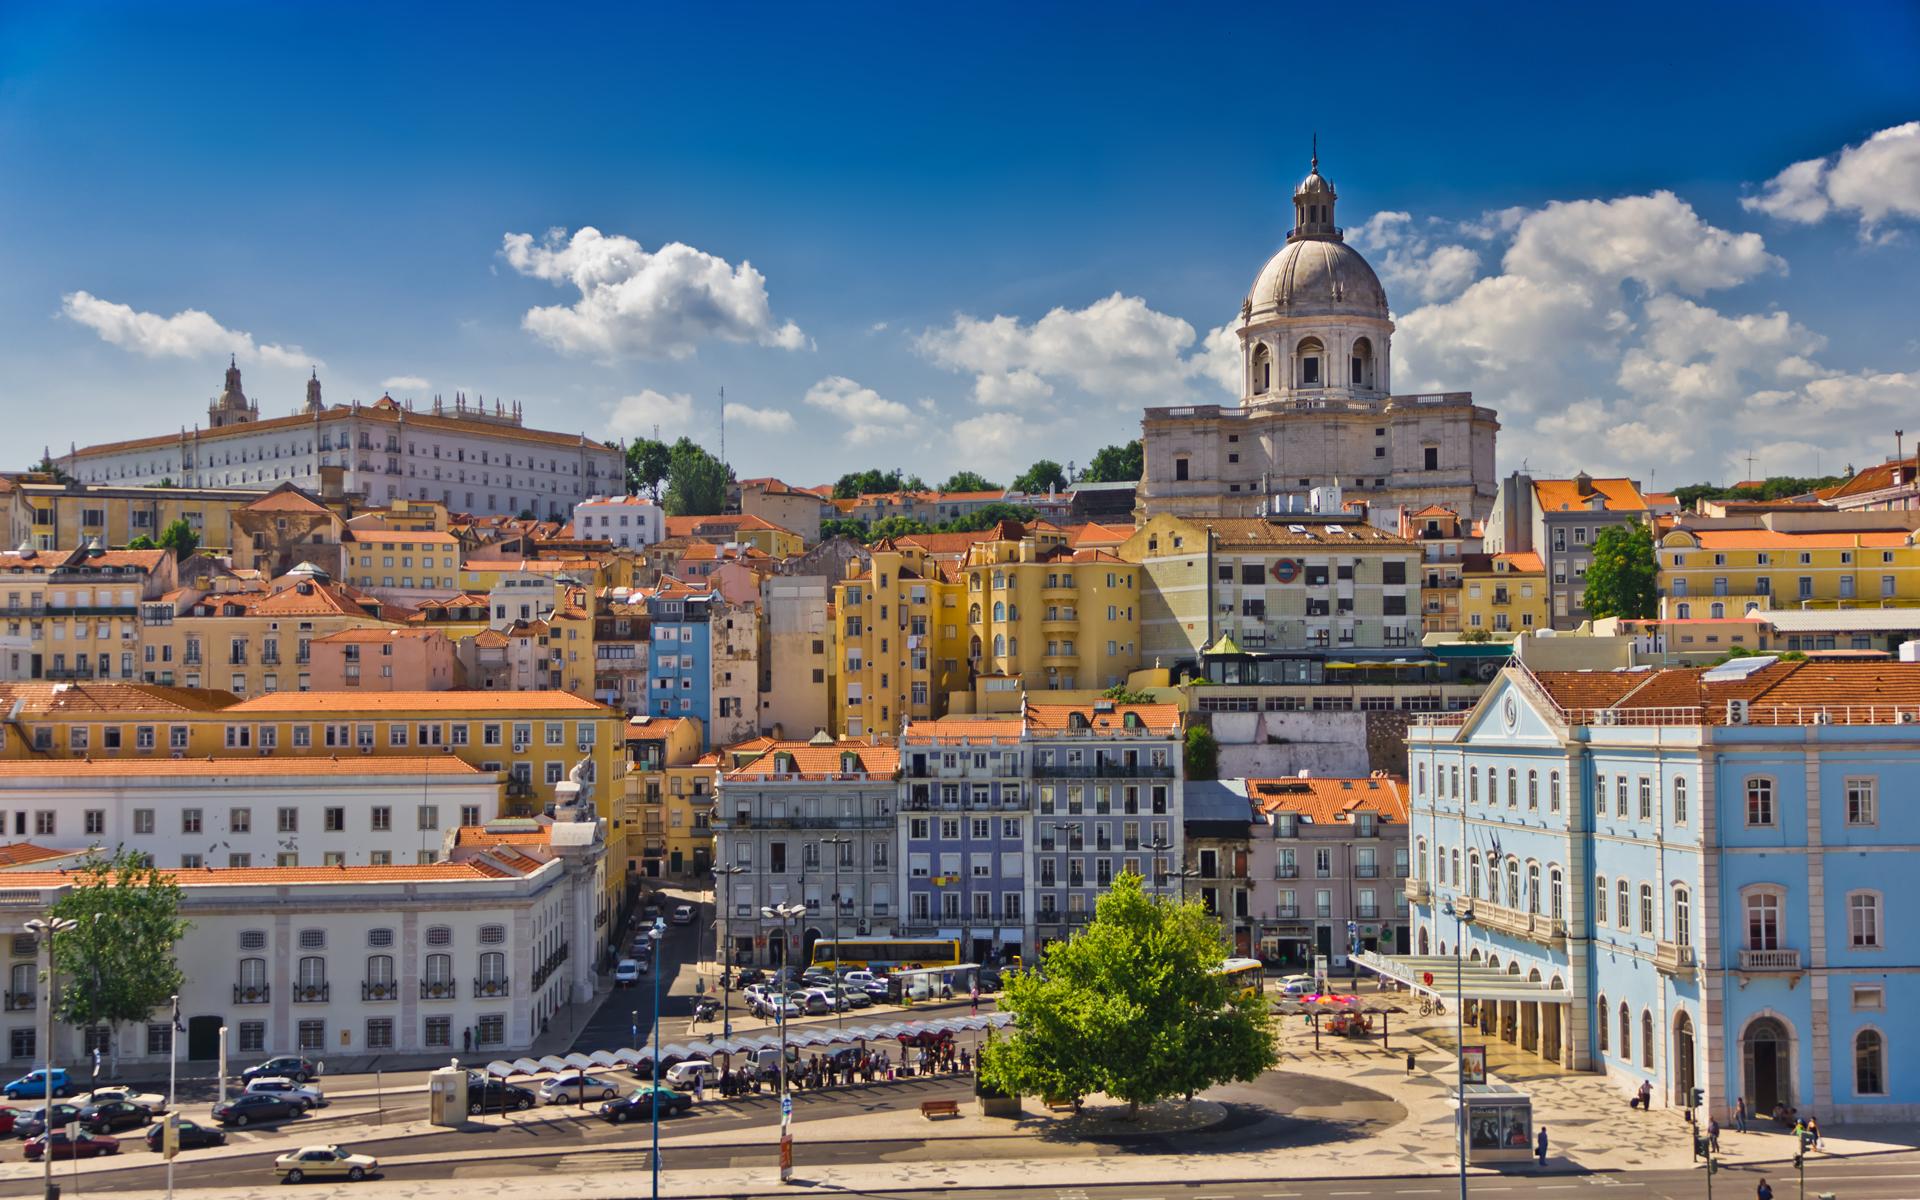 Blick auf die Stadt Lissabon.